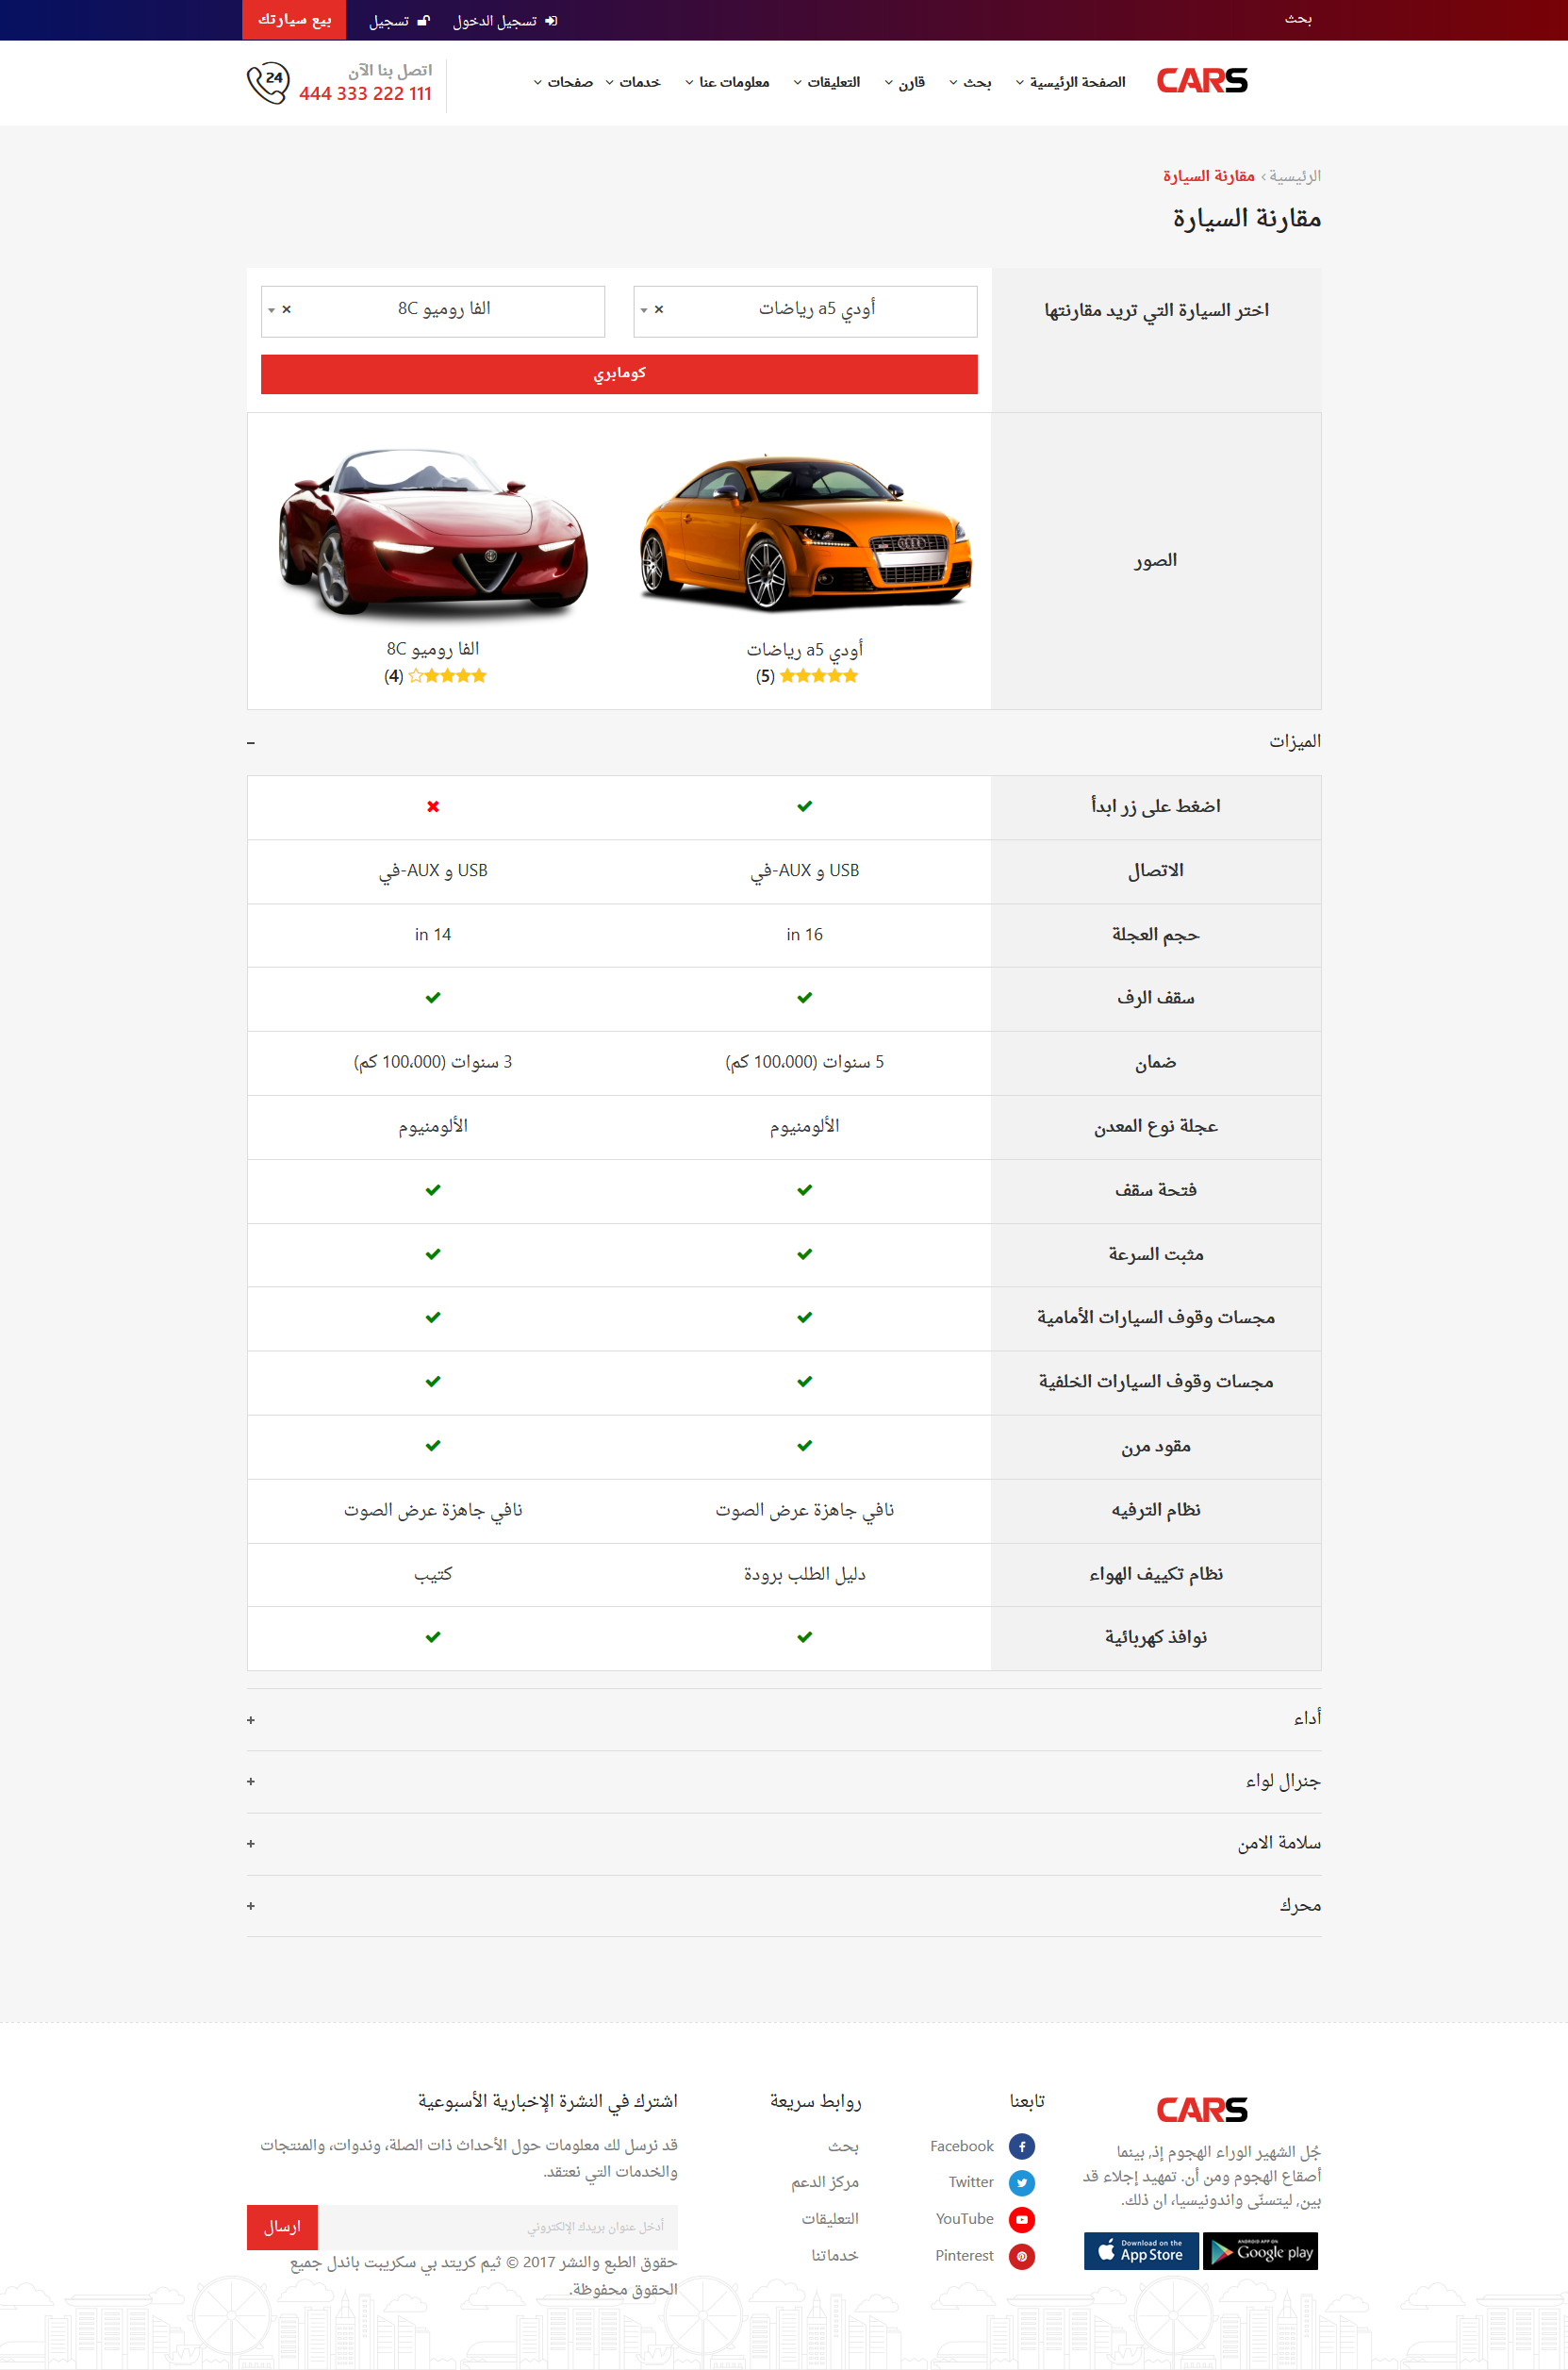 تصميم برنامج موقع حراج معارض سيارات - صفحة مقارنة بين سيارتين بالتفصيل